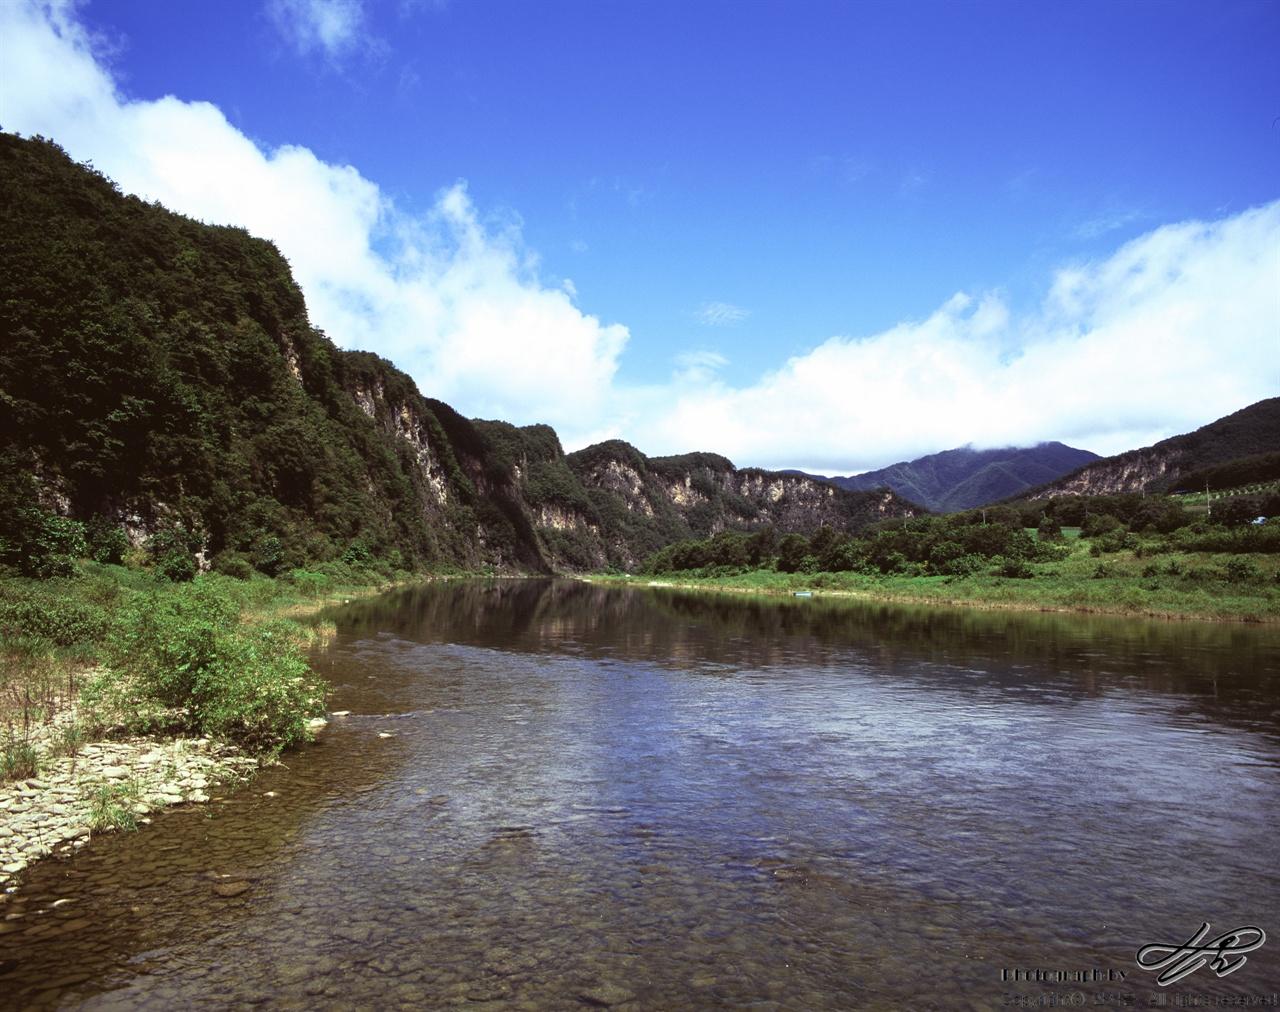 동강과 뼝대 (67ii/Velvia100)민가를 거쳐 몇십키로미터를 흘러 내려왔음에도 여전히 맑은 동강의 모습